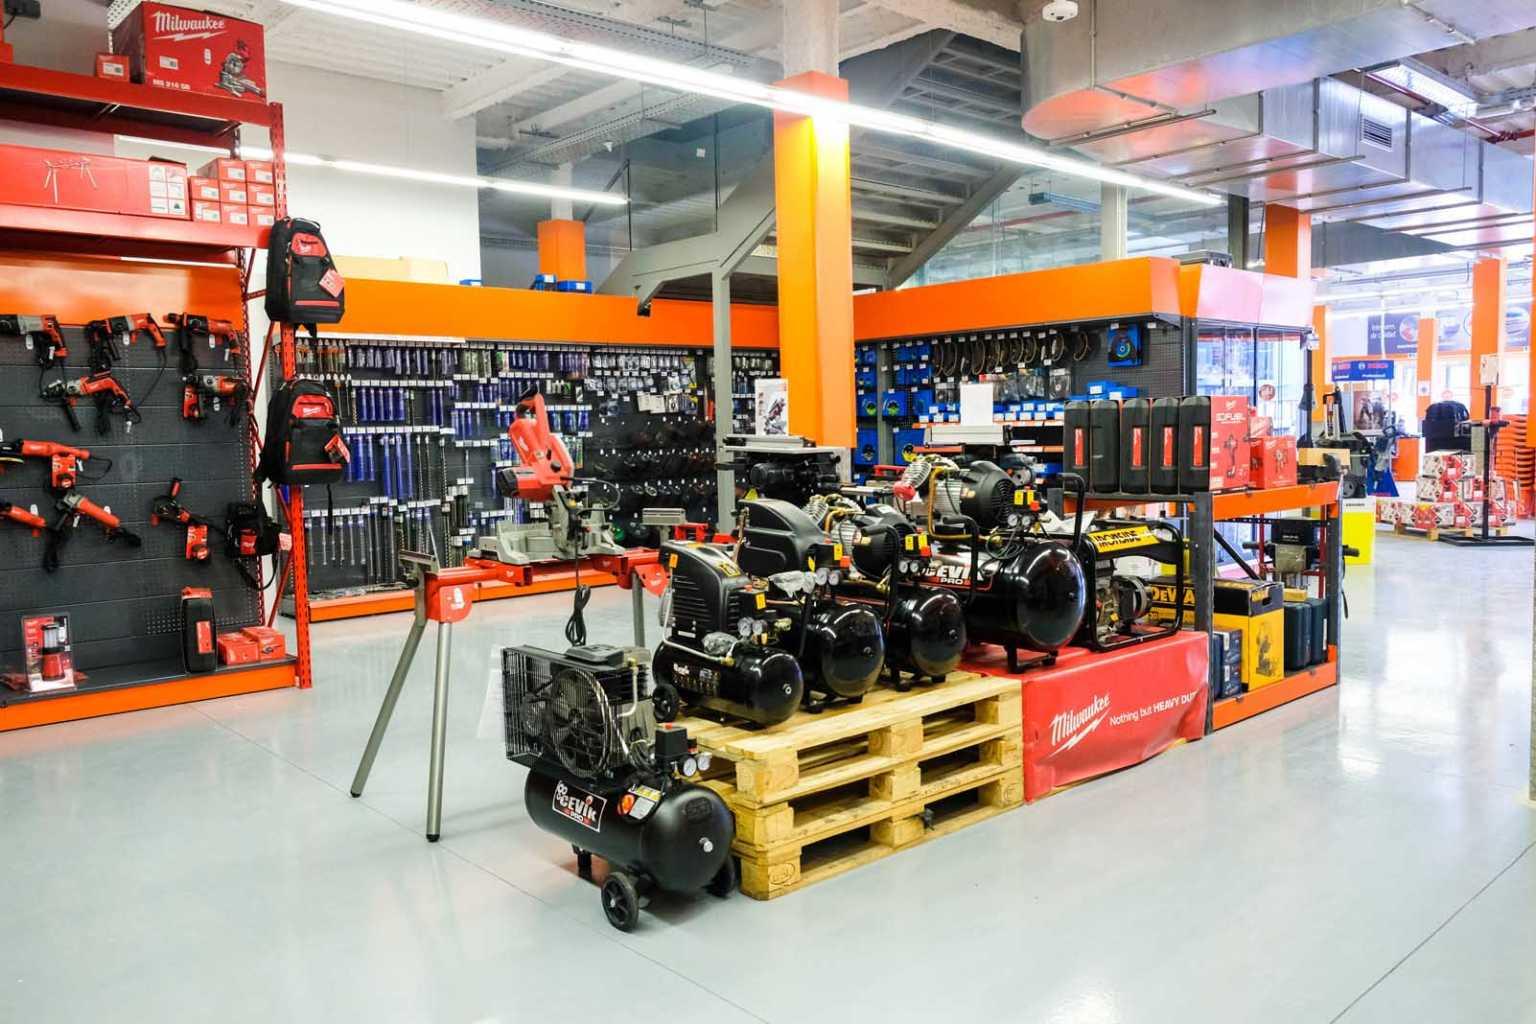 Tras la ampliación de su oferta de productos en la tienda, Rampuixa Baumaterial es actualmente el proveedor líder en la isla de materiales de construcción y cuenta con una gran variedad de referencias. foto: S.G.C.